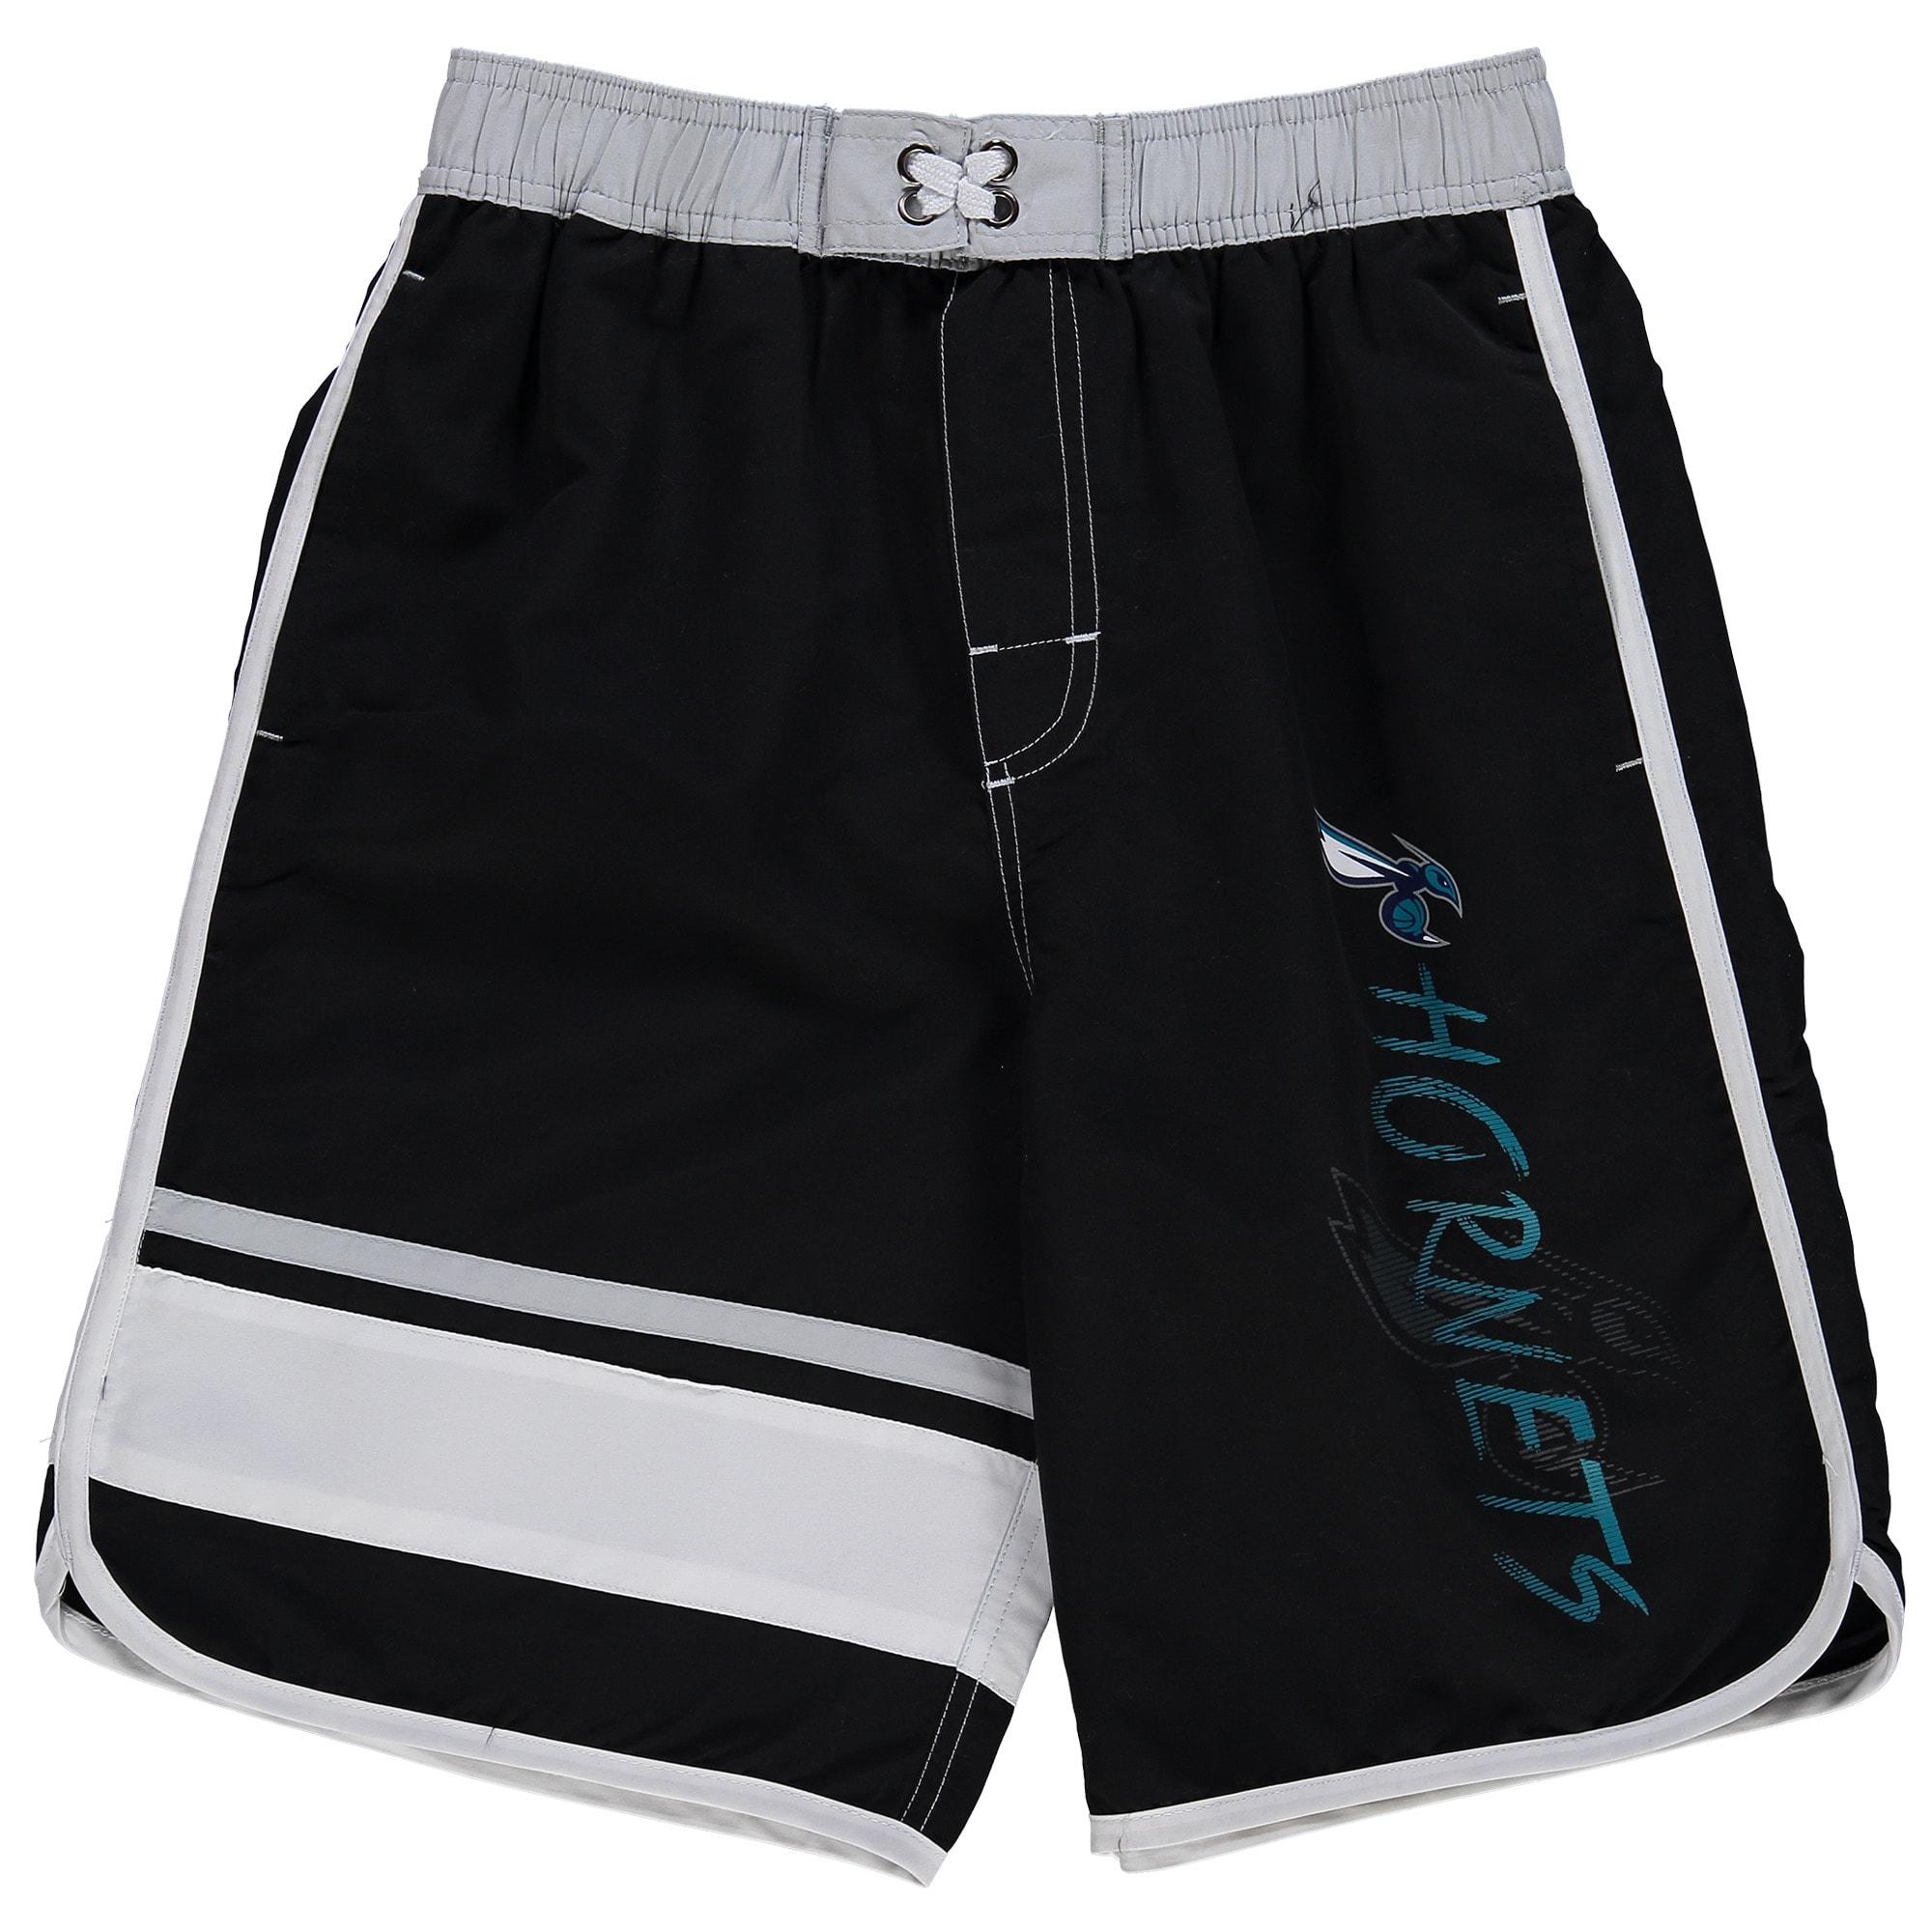 Charlotte Hornets Youth Color Block Swim Trunks - Black/White